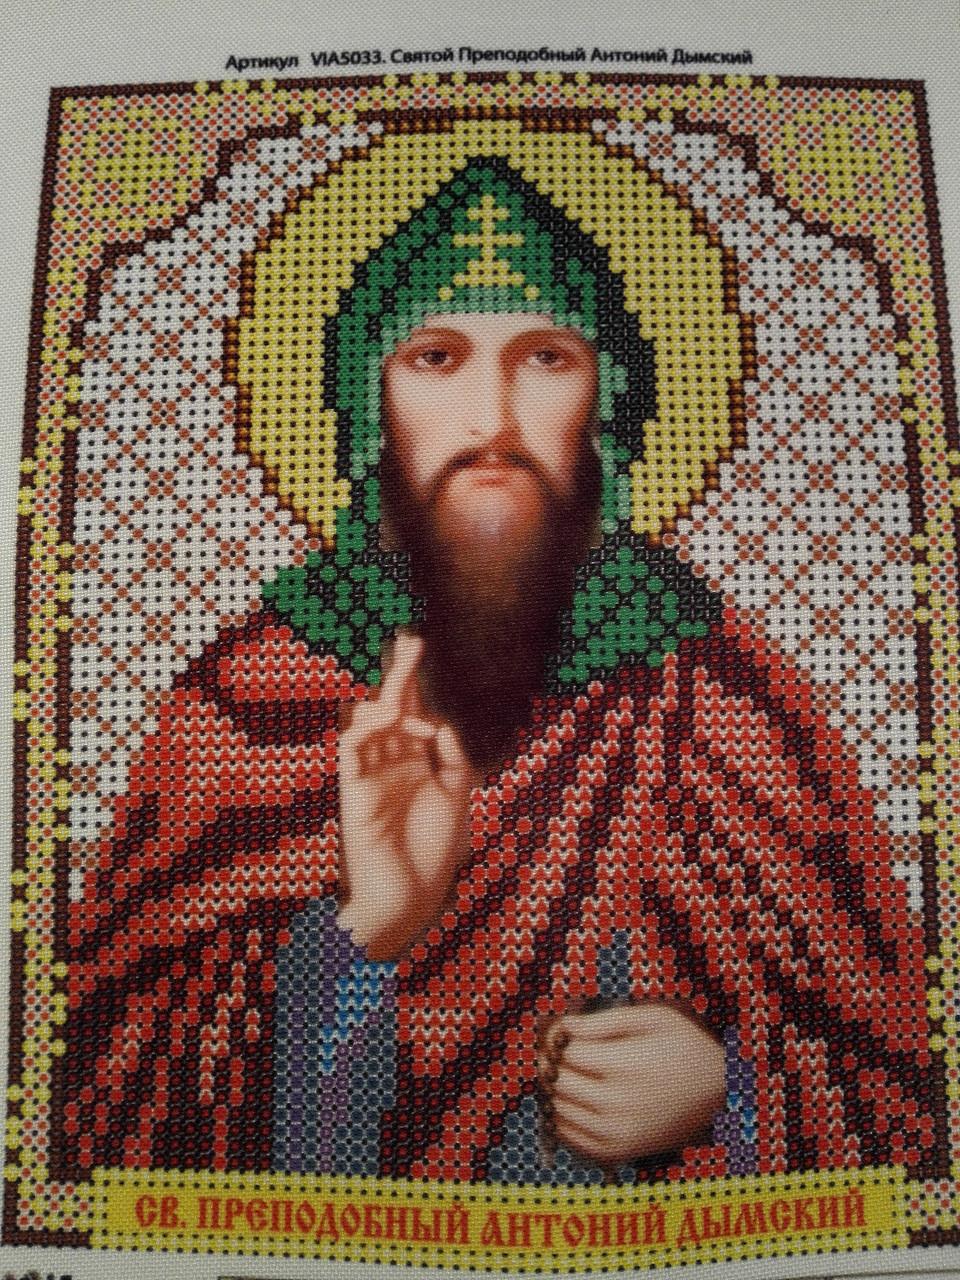 Набор для вышивки бисером икона Святой Преподобный Антоний VIA 5033